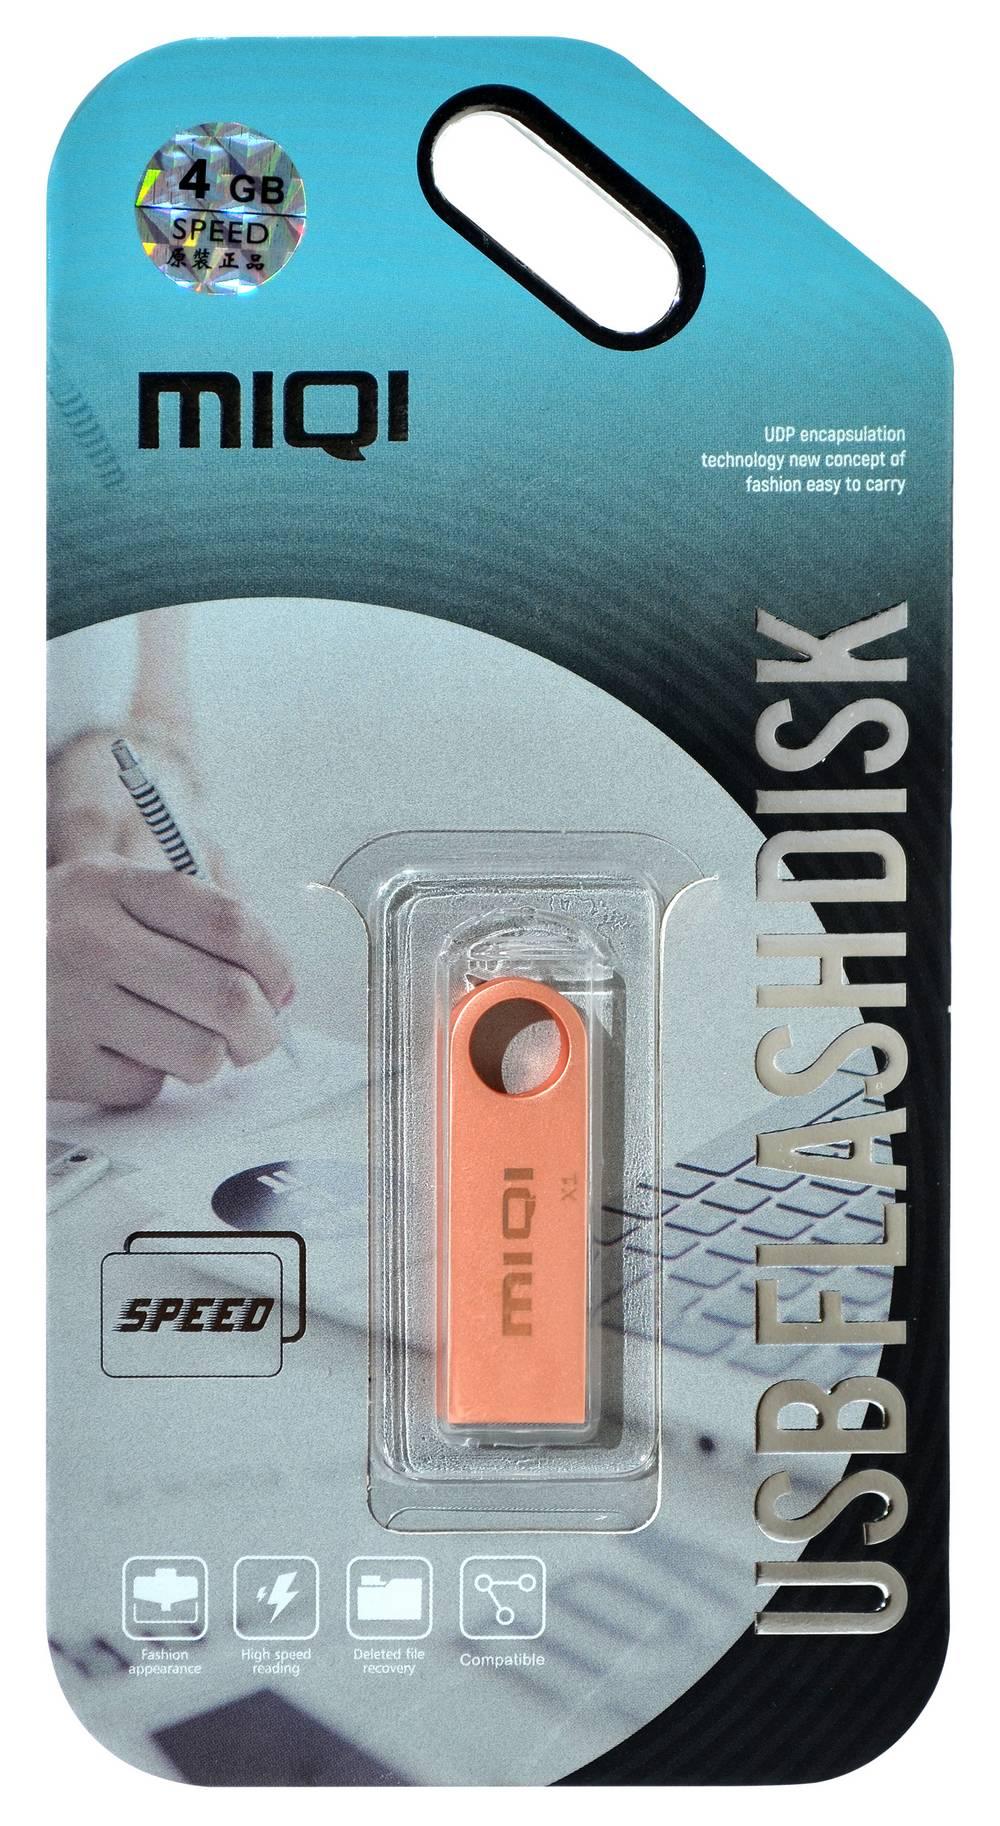 USB 2.0 MIQI Flash Drive X1 4GB Χρυσαφί Ρόζ Metal